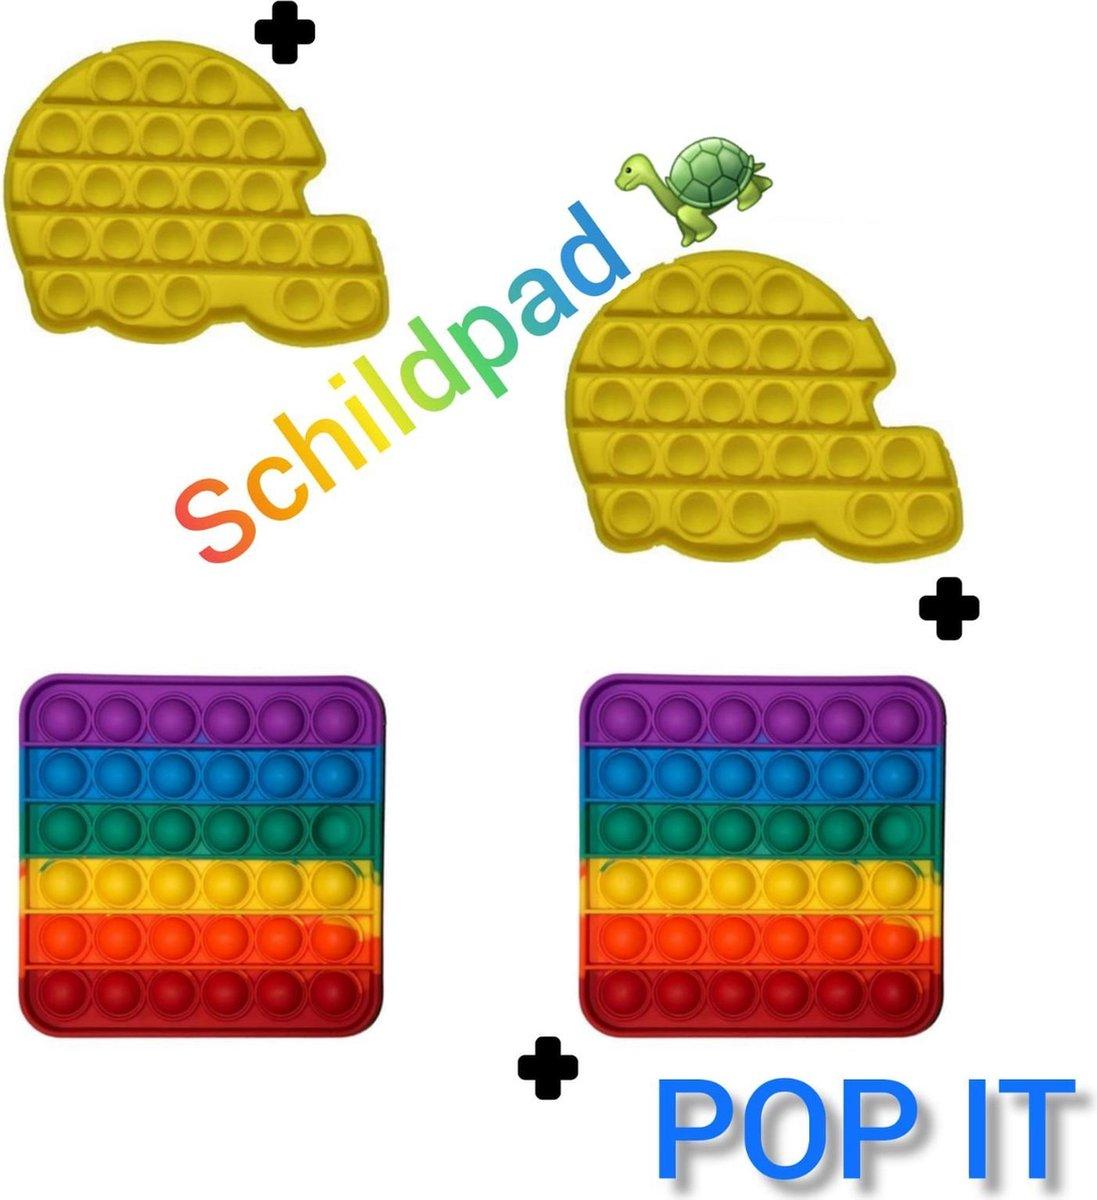 Fidget toys | Pop It pakket van 4 stuks | 2 Rainbow vierkant + 2 Schildpad geel | Meisjes jongens volwassenen _ Anti stress 2021 _ Verjaardag cadeautip _ Leuk voor zwembad